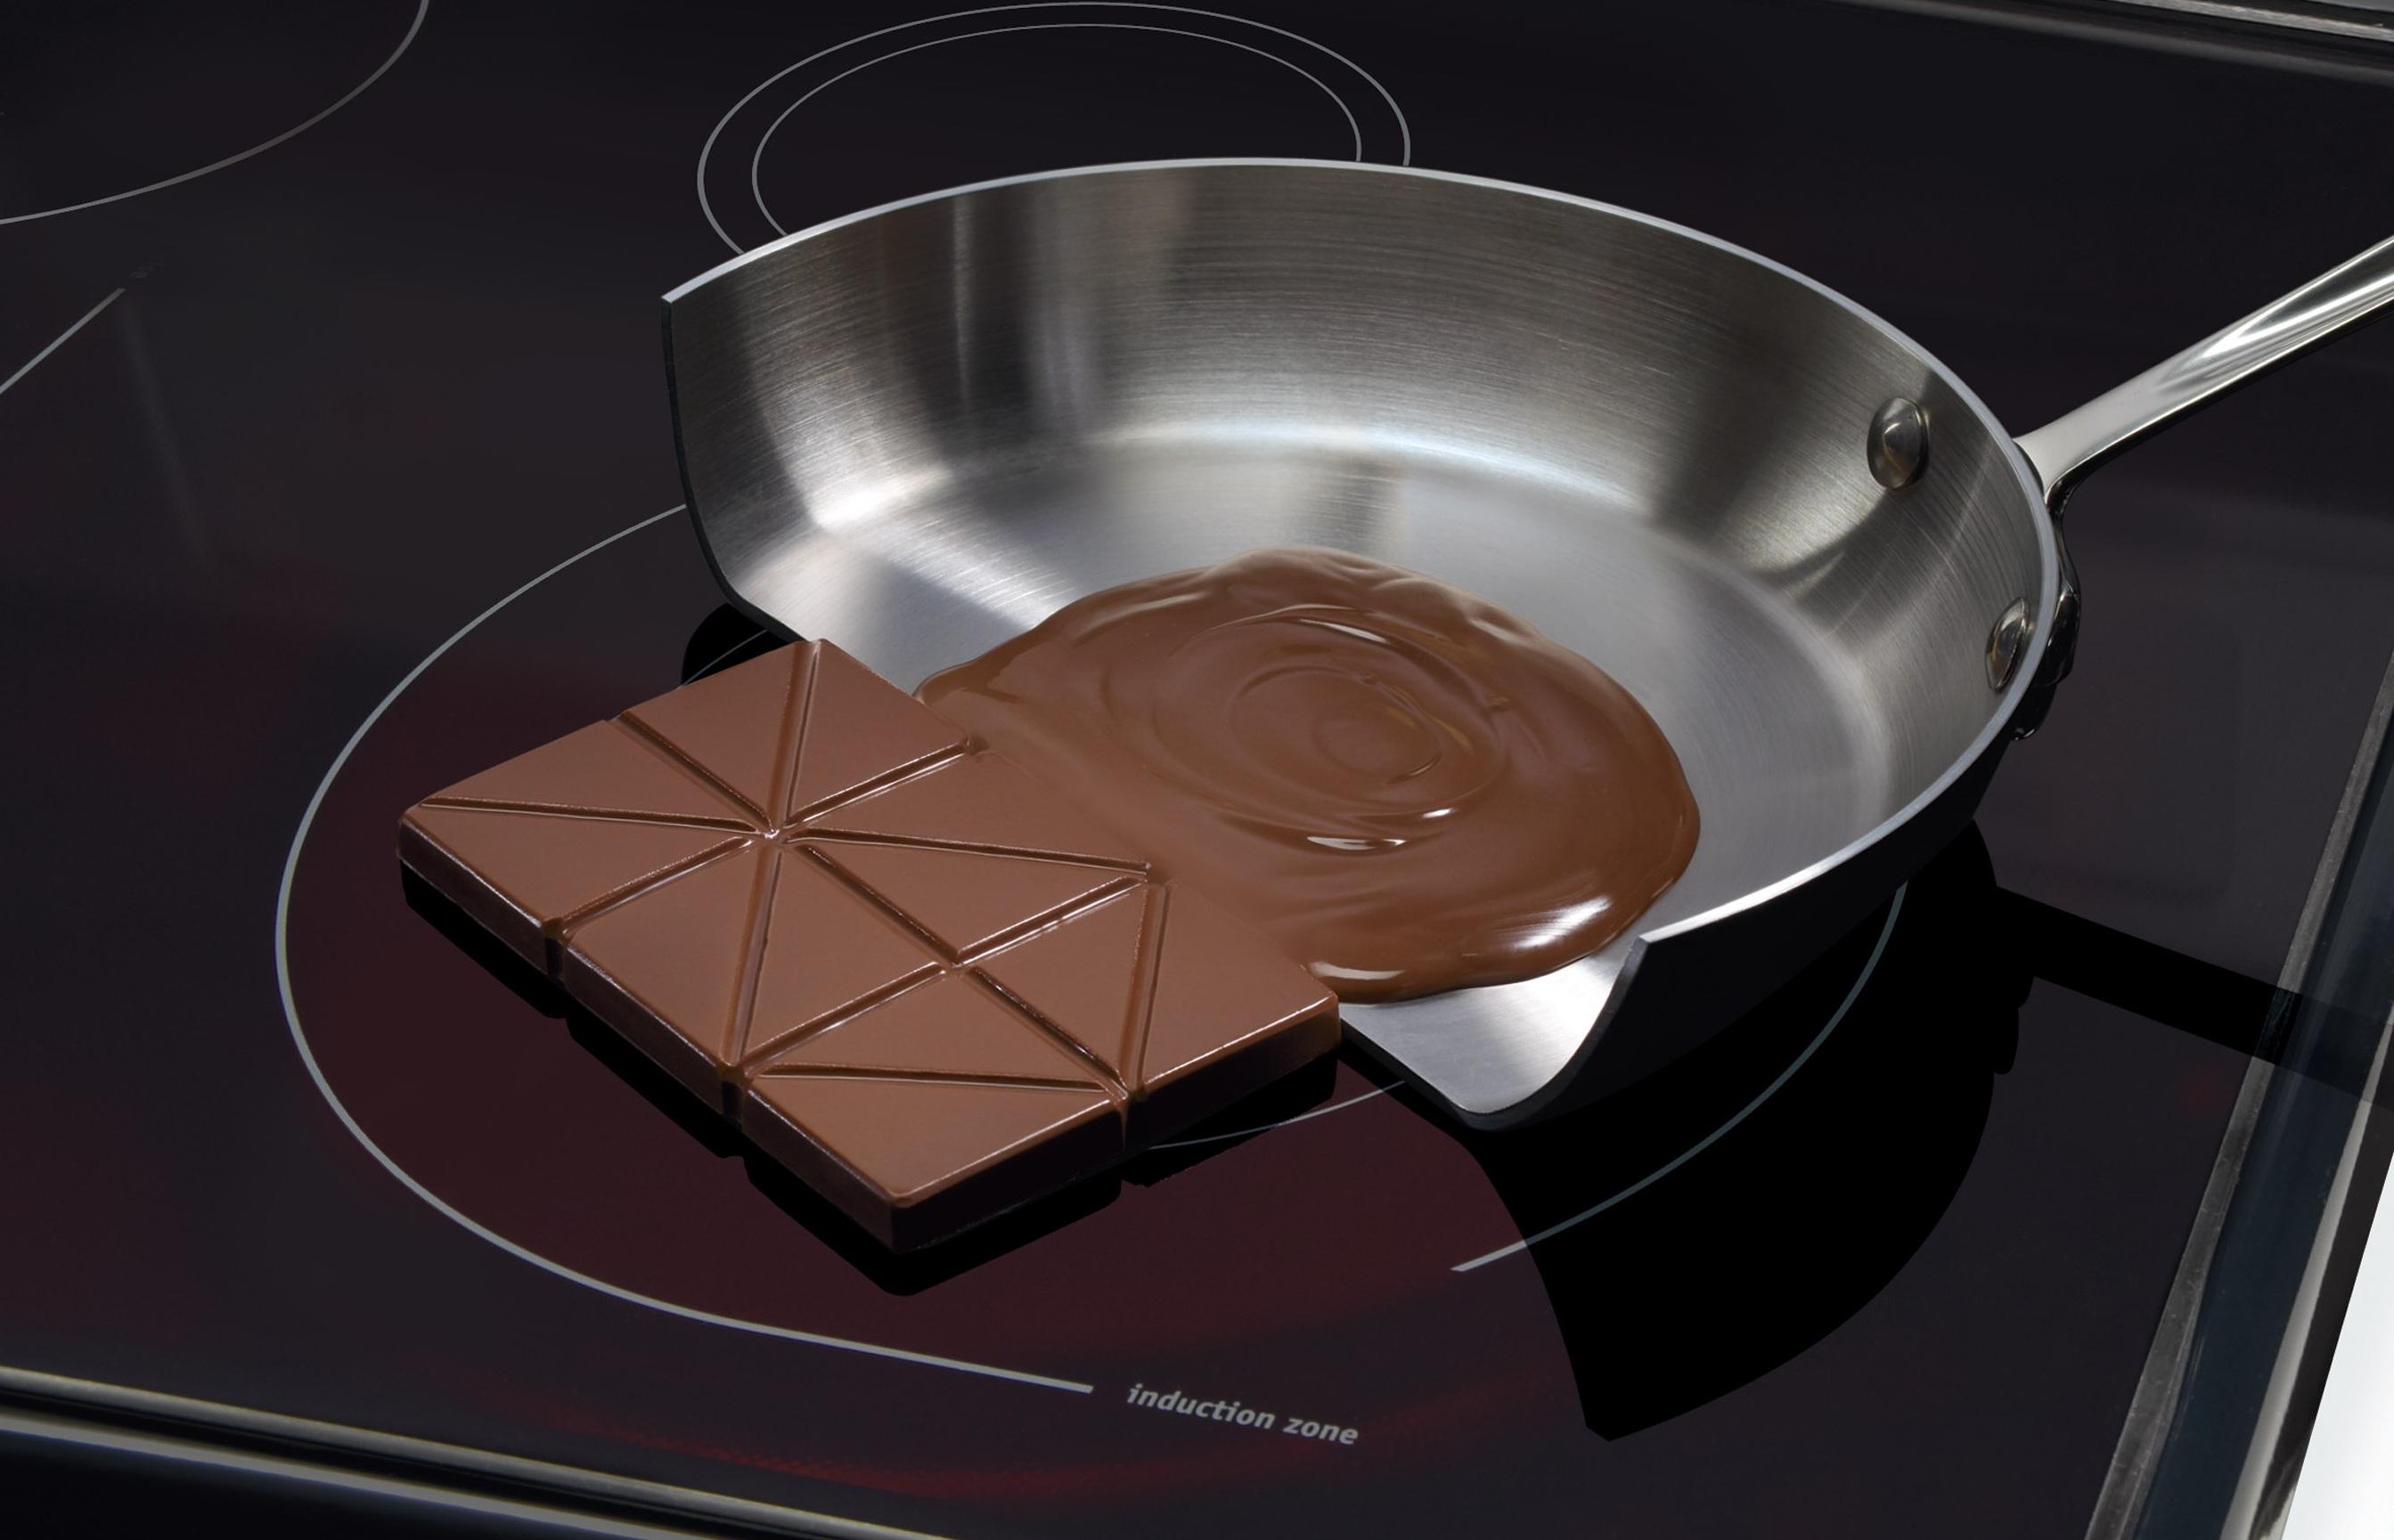 cooktop por indução derretendo chocolate